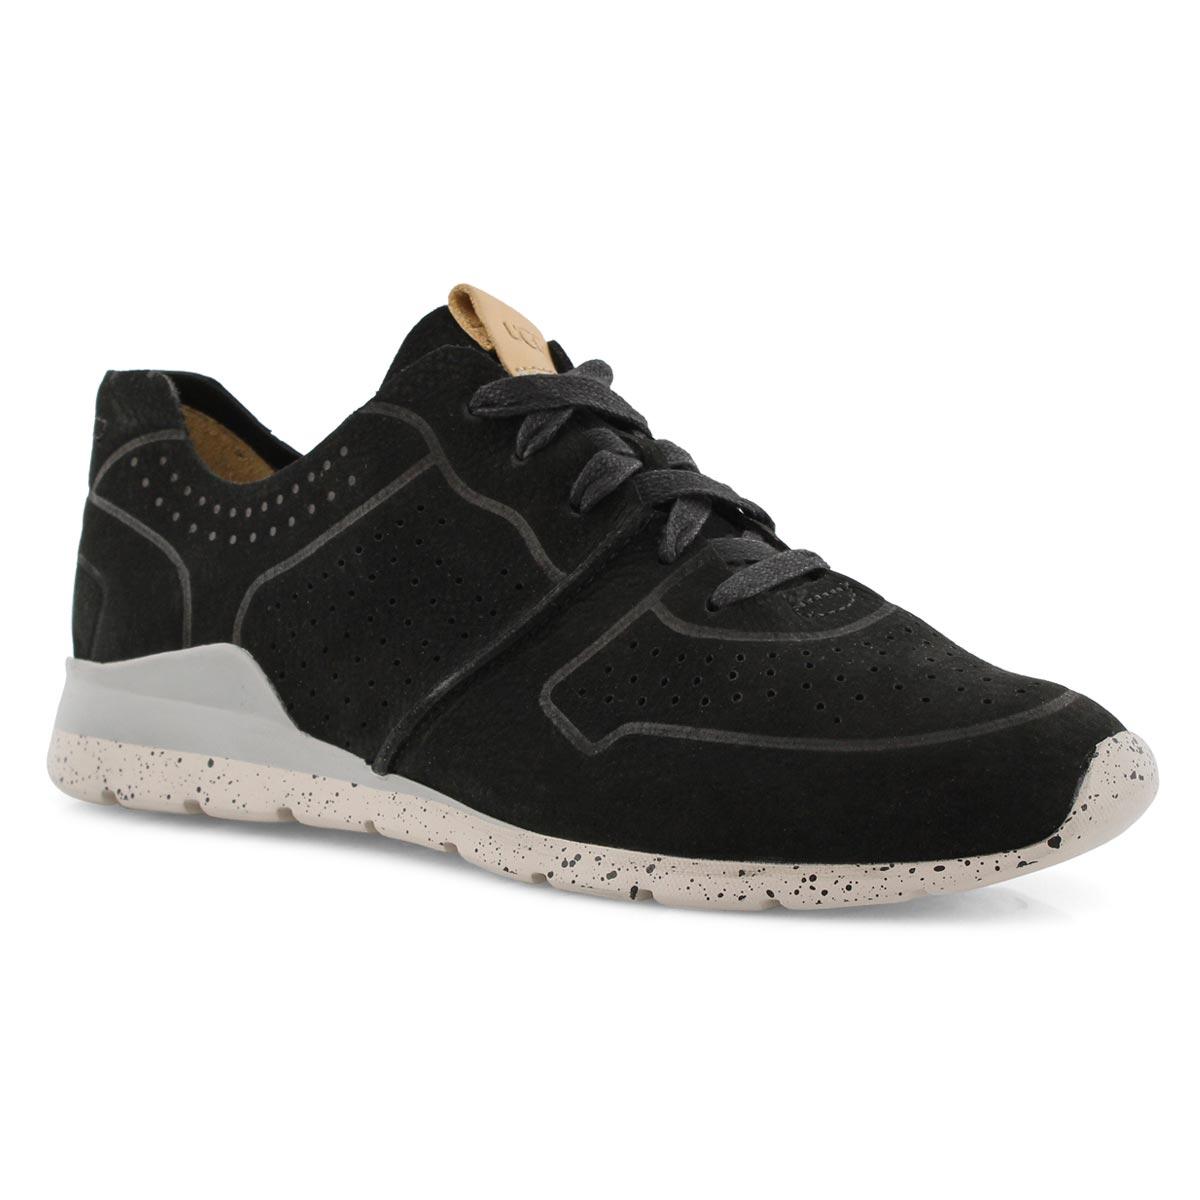 Lds Tye black lace up casual sneaker